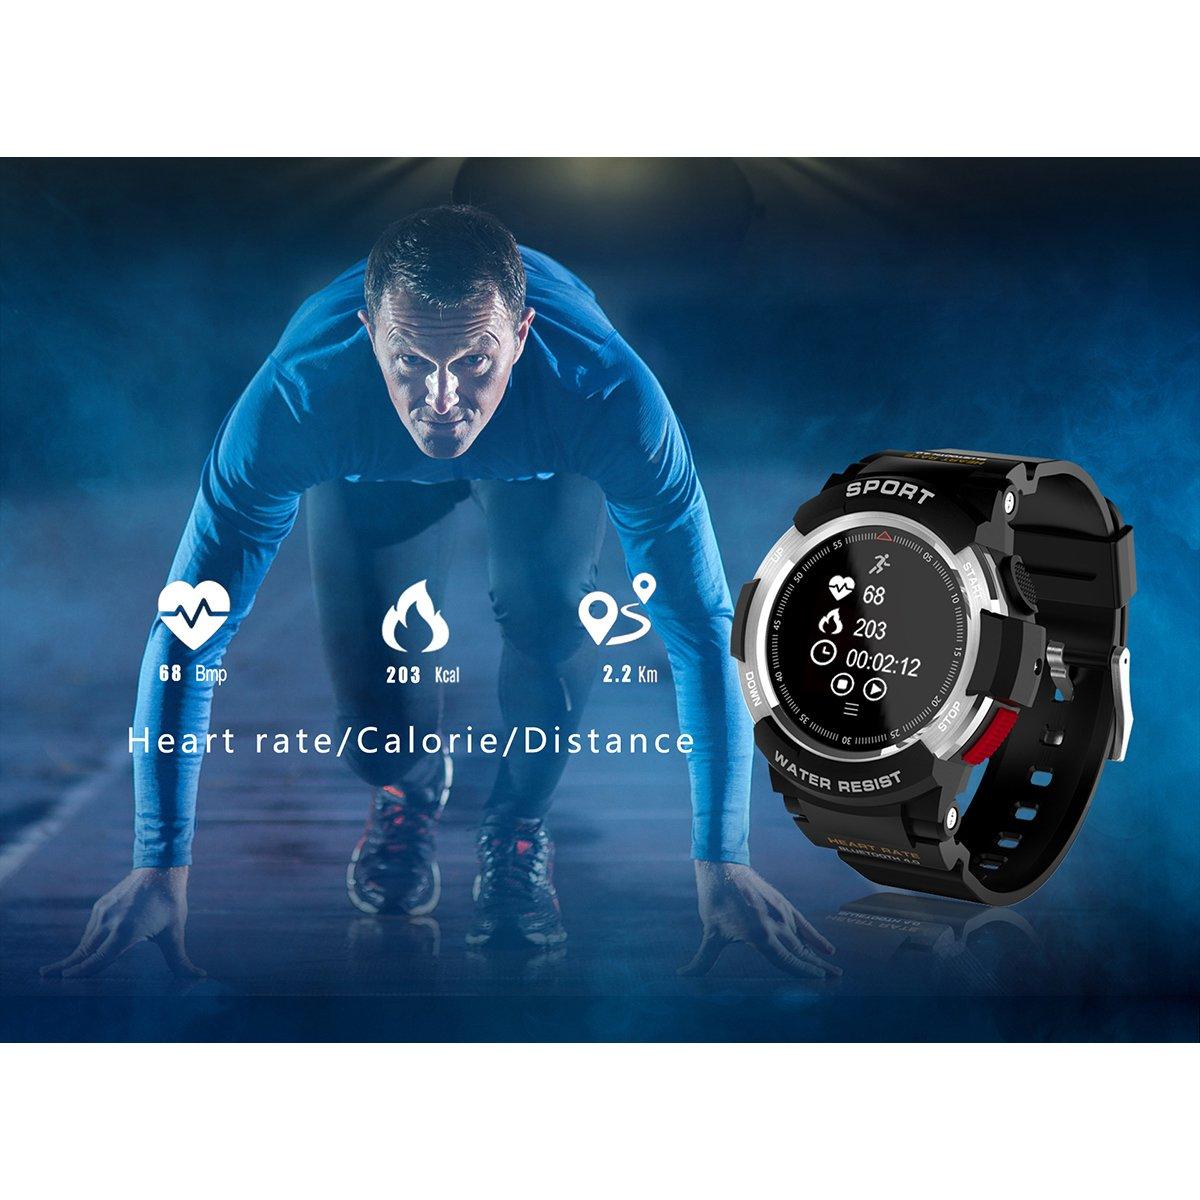 Kivors Relojes Inteligentes Deportivos, IP68 Impermeable Bluetooth Smartwatch Fitness Tracker con Monitor Cardiaco, Múltiples Modos de Deportes,Notificación ...